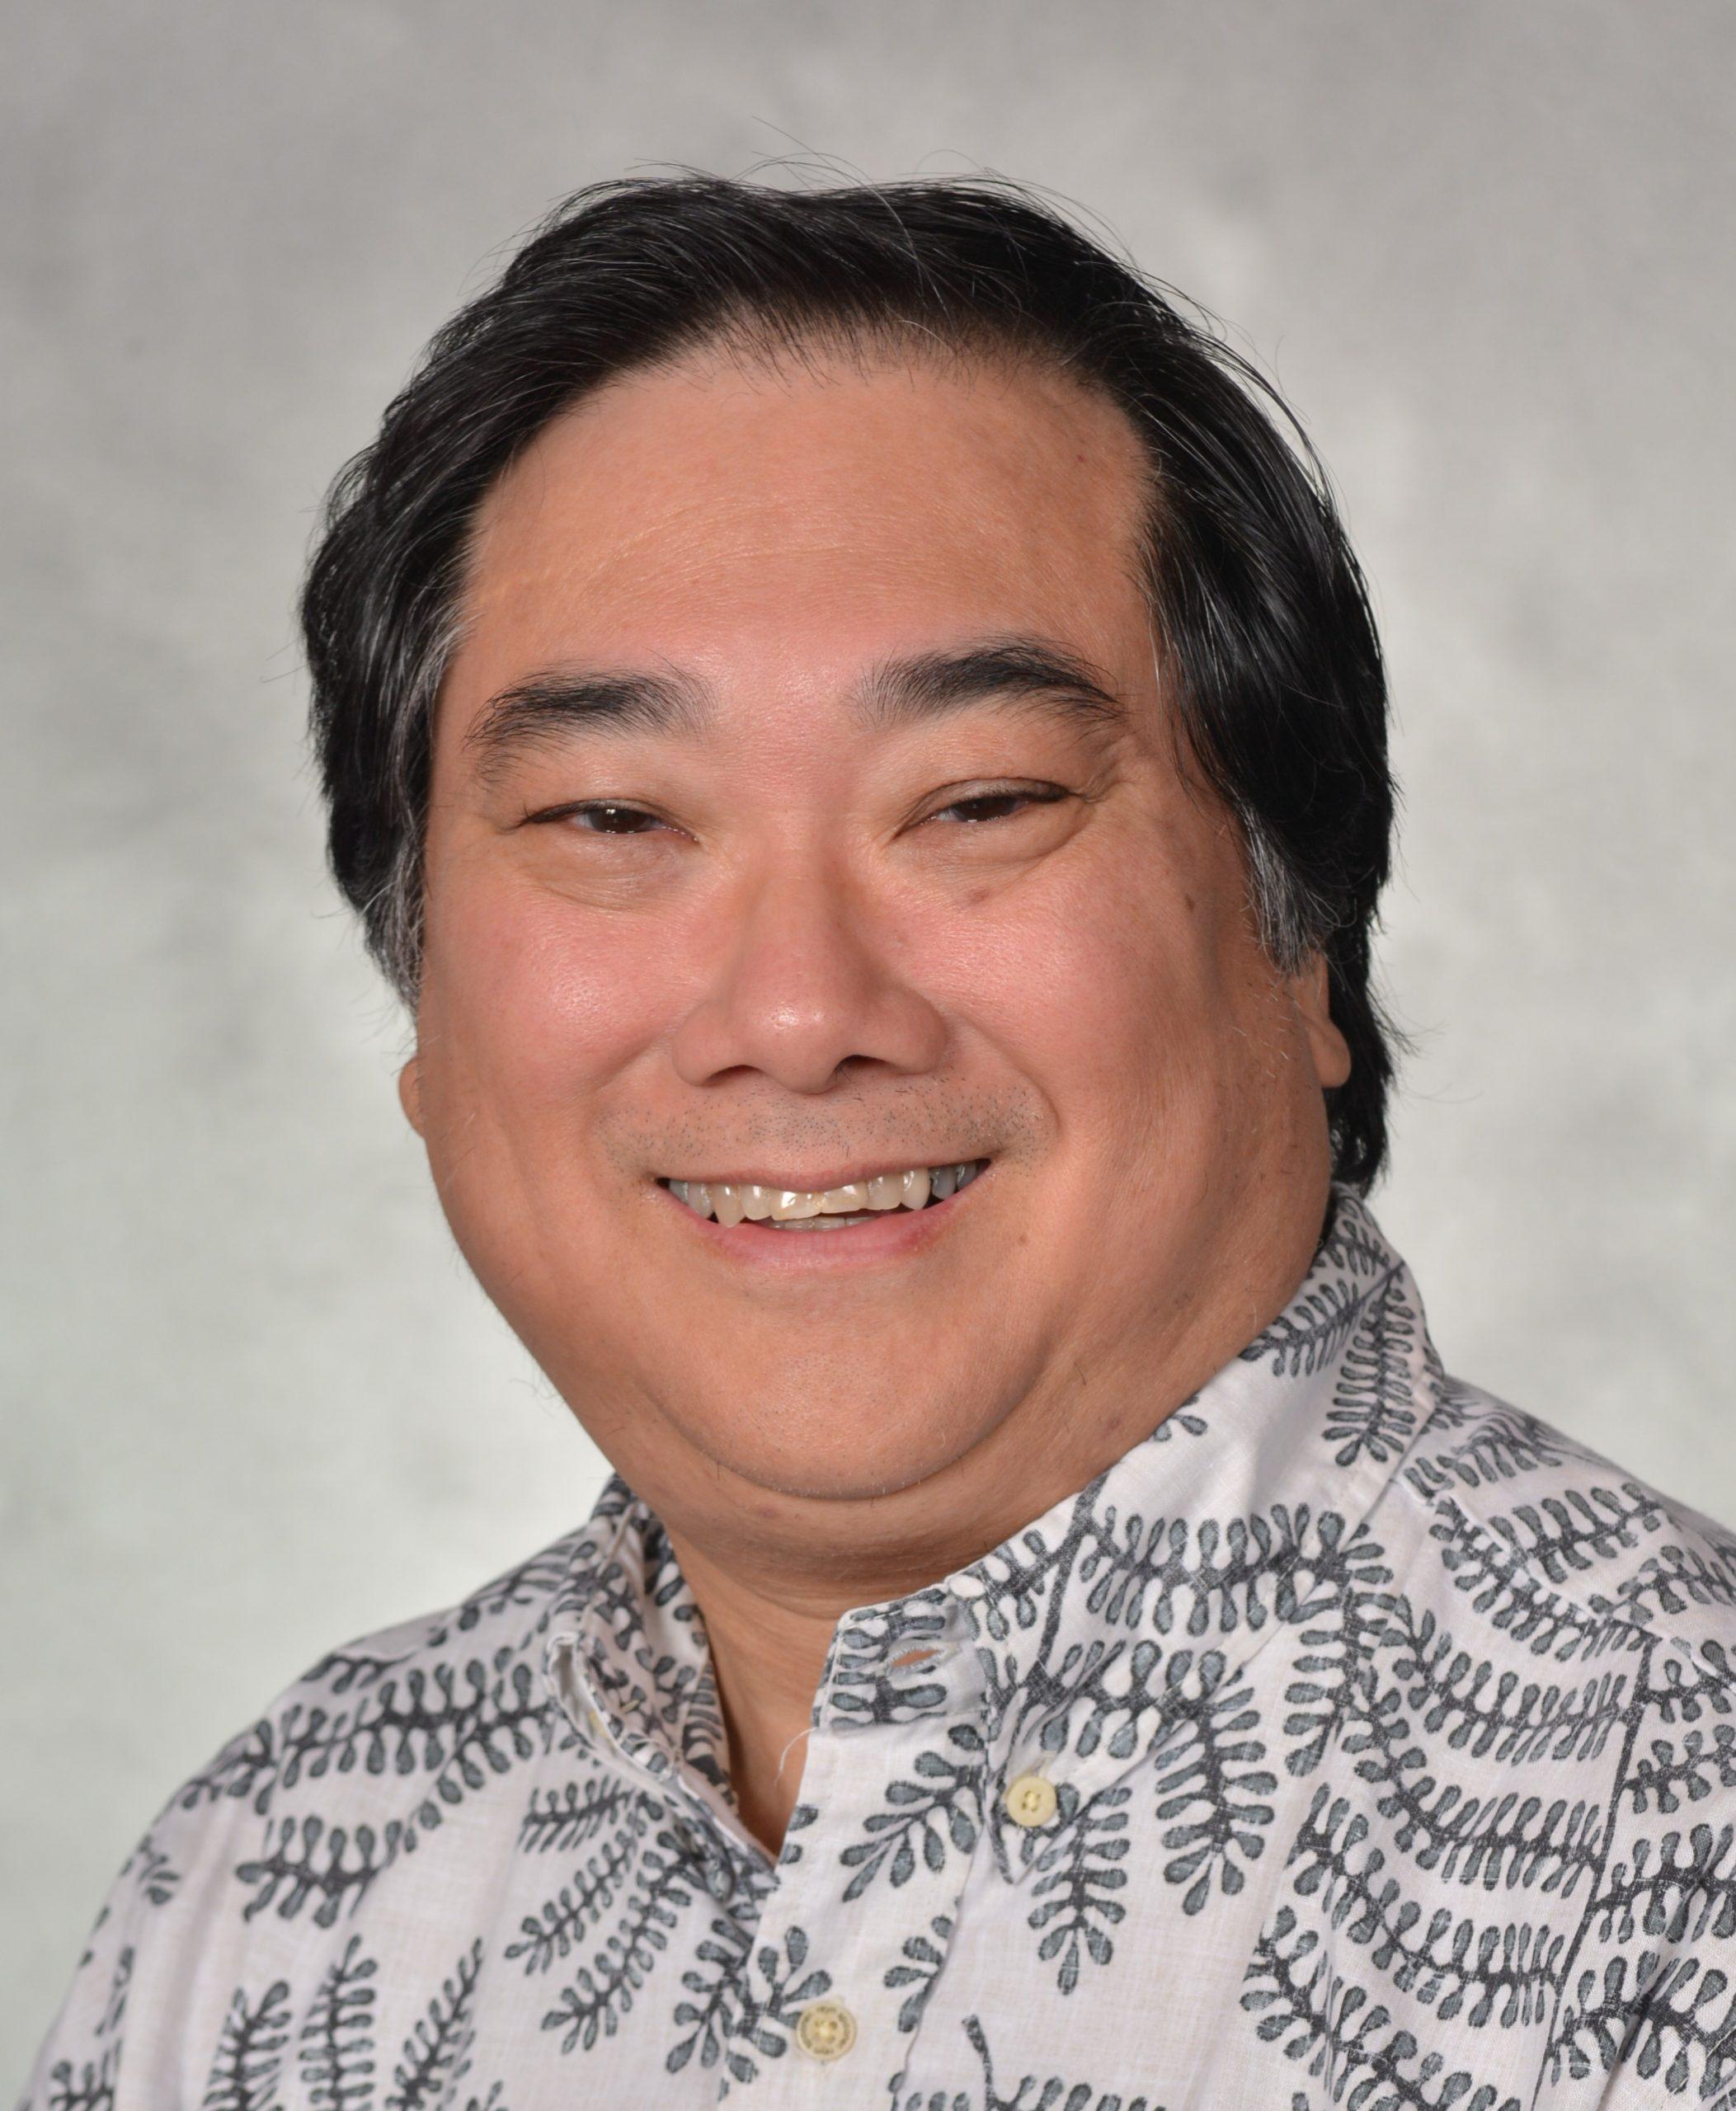 Edward Sun, Sun Global Broadband LLC, HI, USA